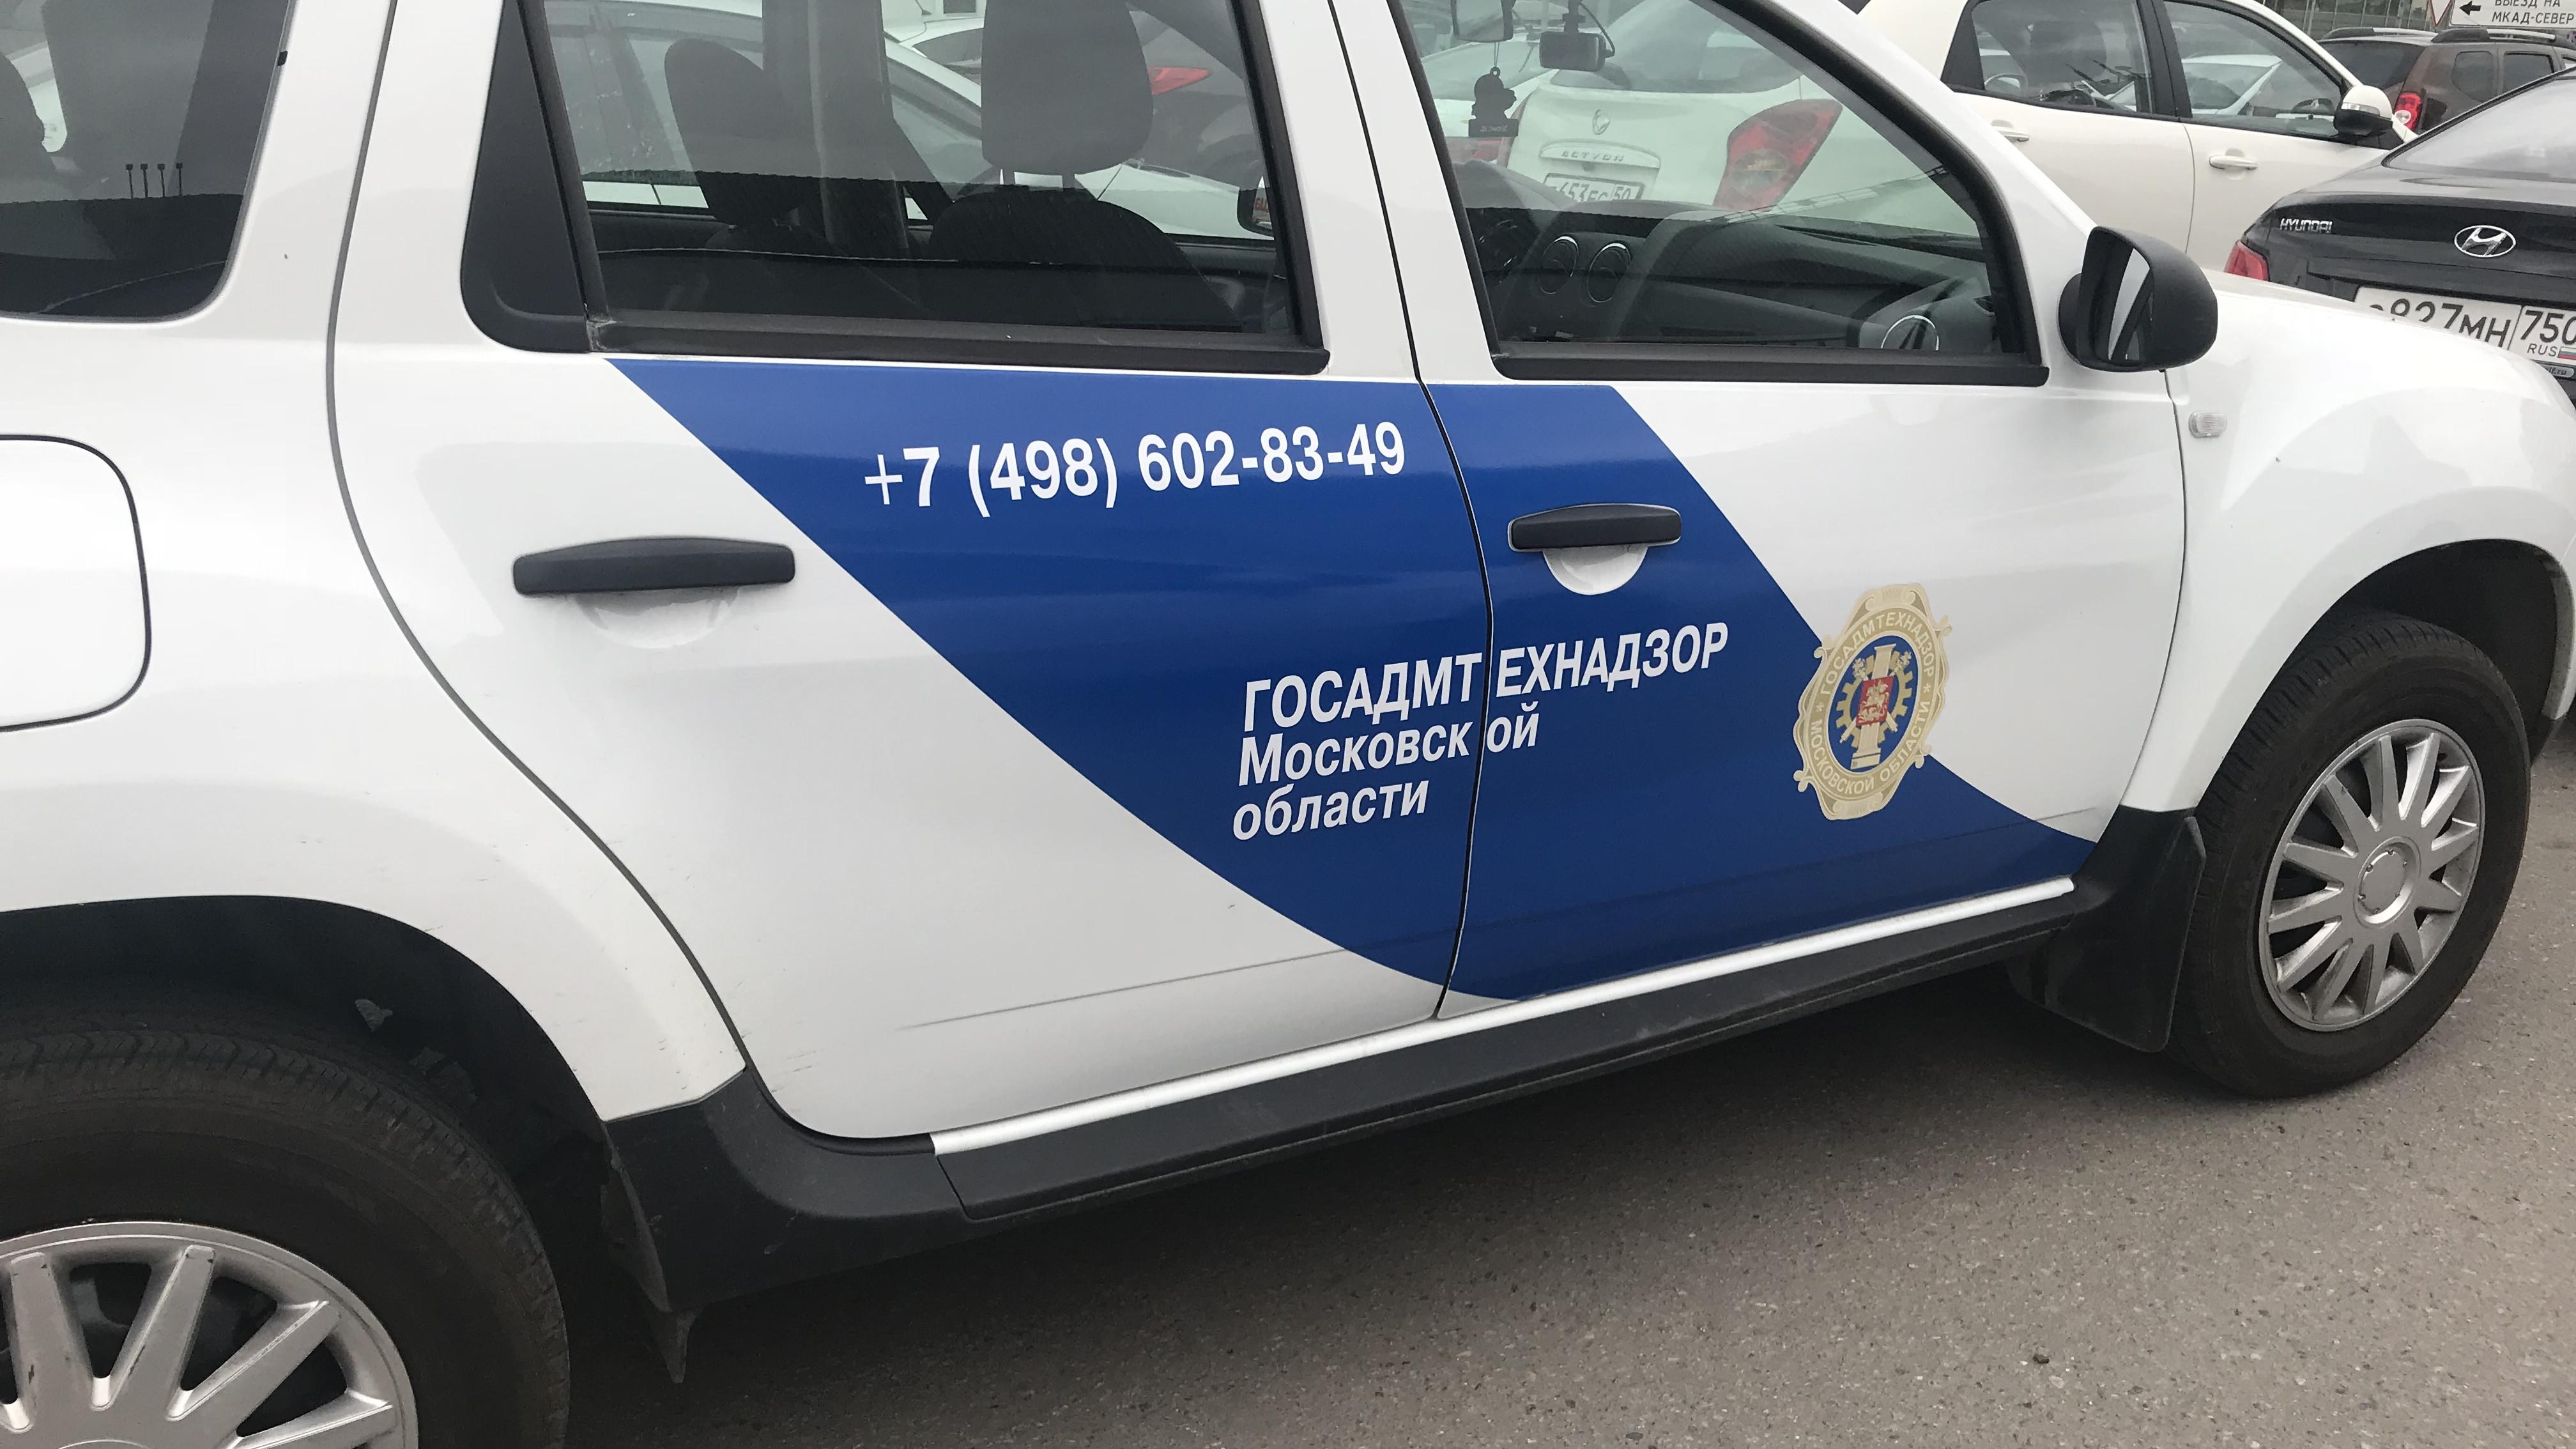 Более 750 повреждений теплотрасс устранили в Подмосковье с начала октября